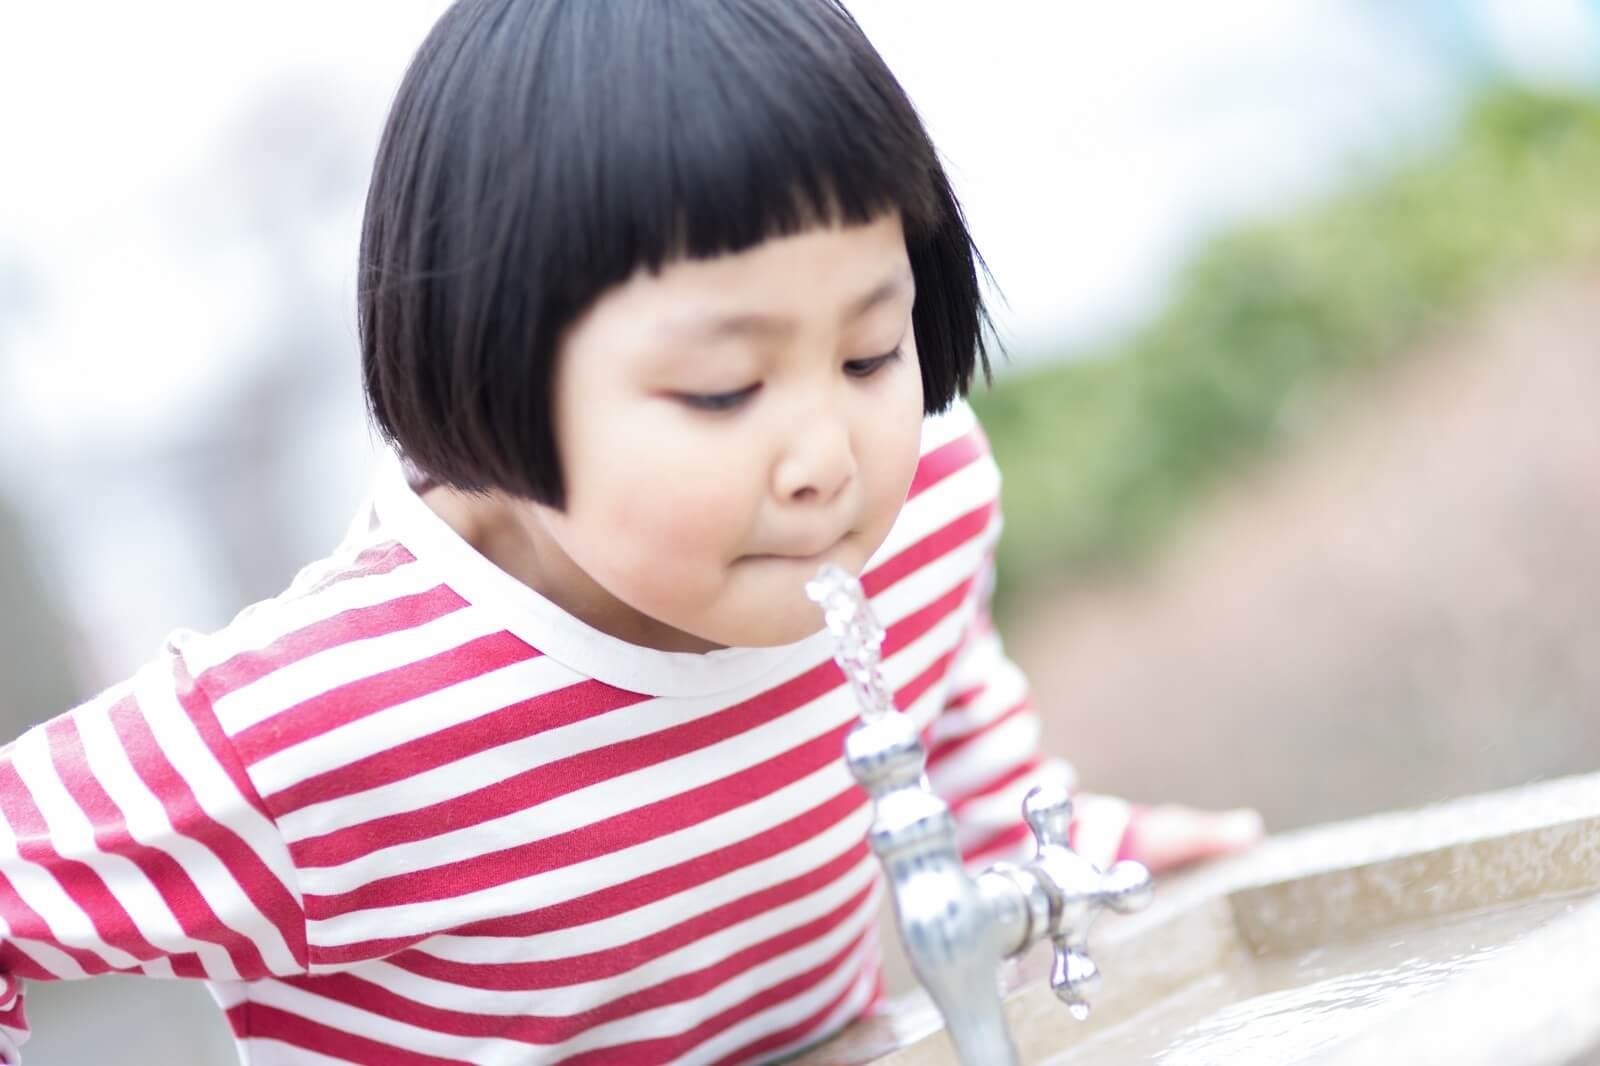 熱中症対策のために摂る飲み物について